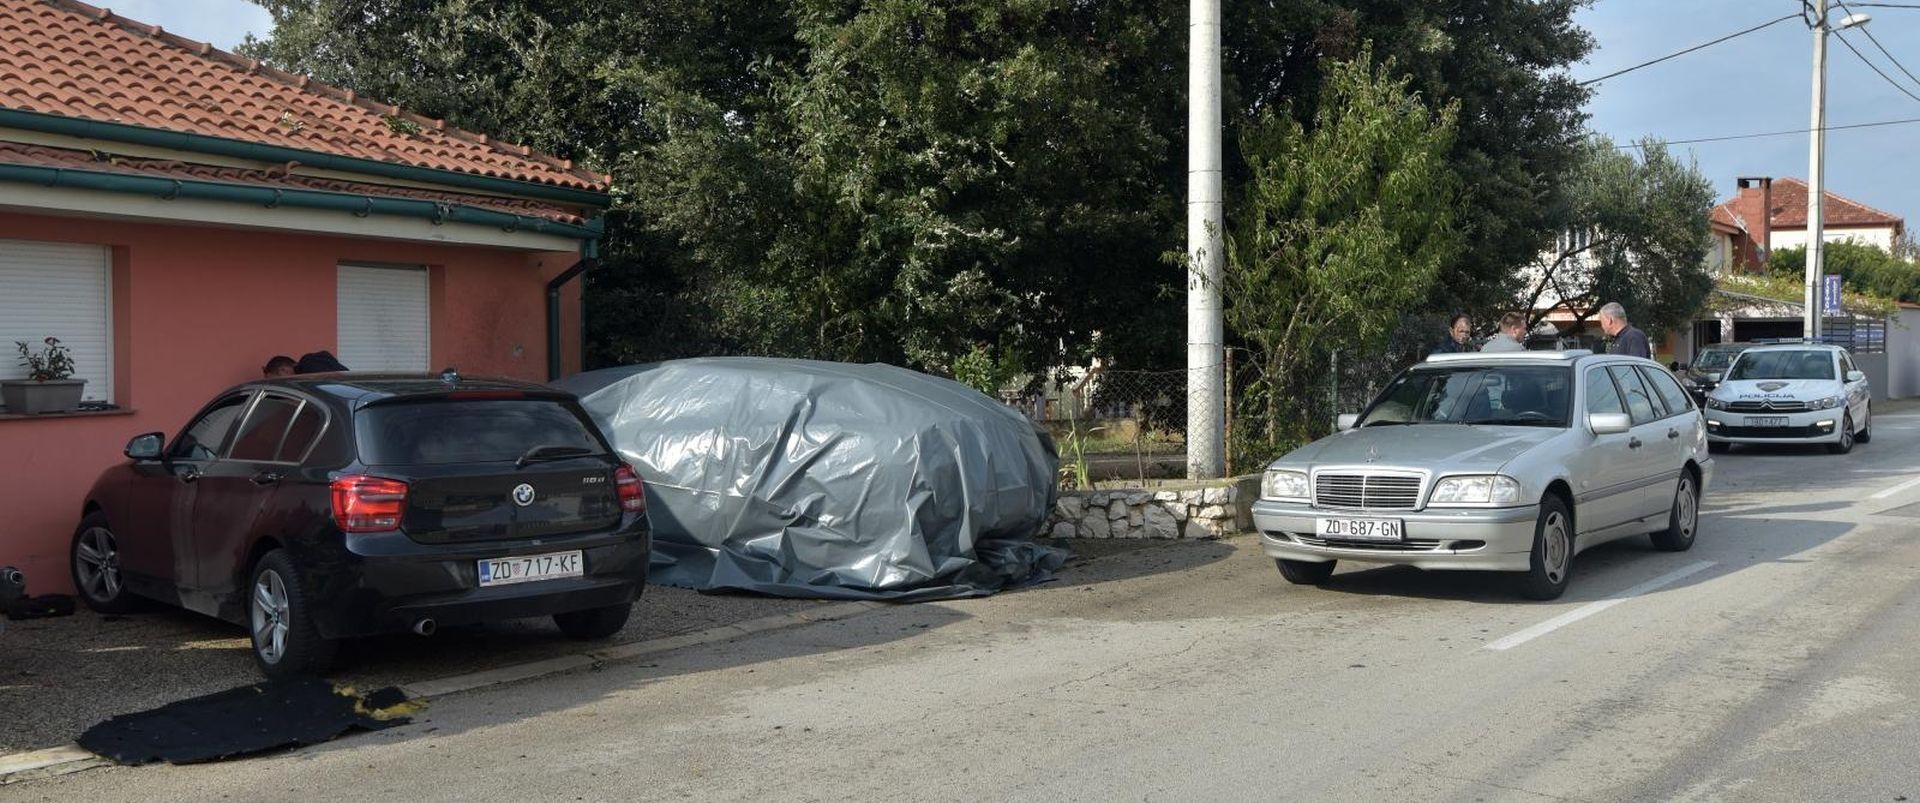 Policija objavila detalje o eksploziji kod Zadra, uhićena jedna osoba